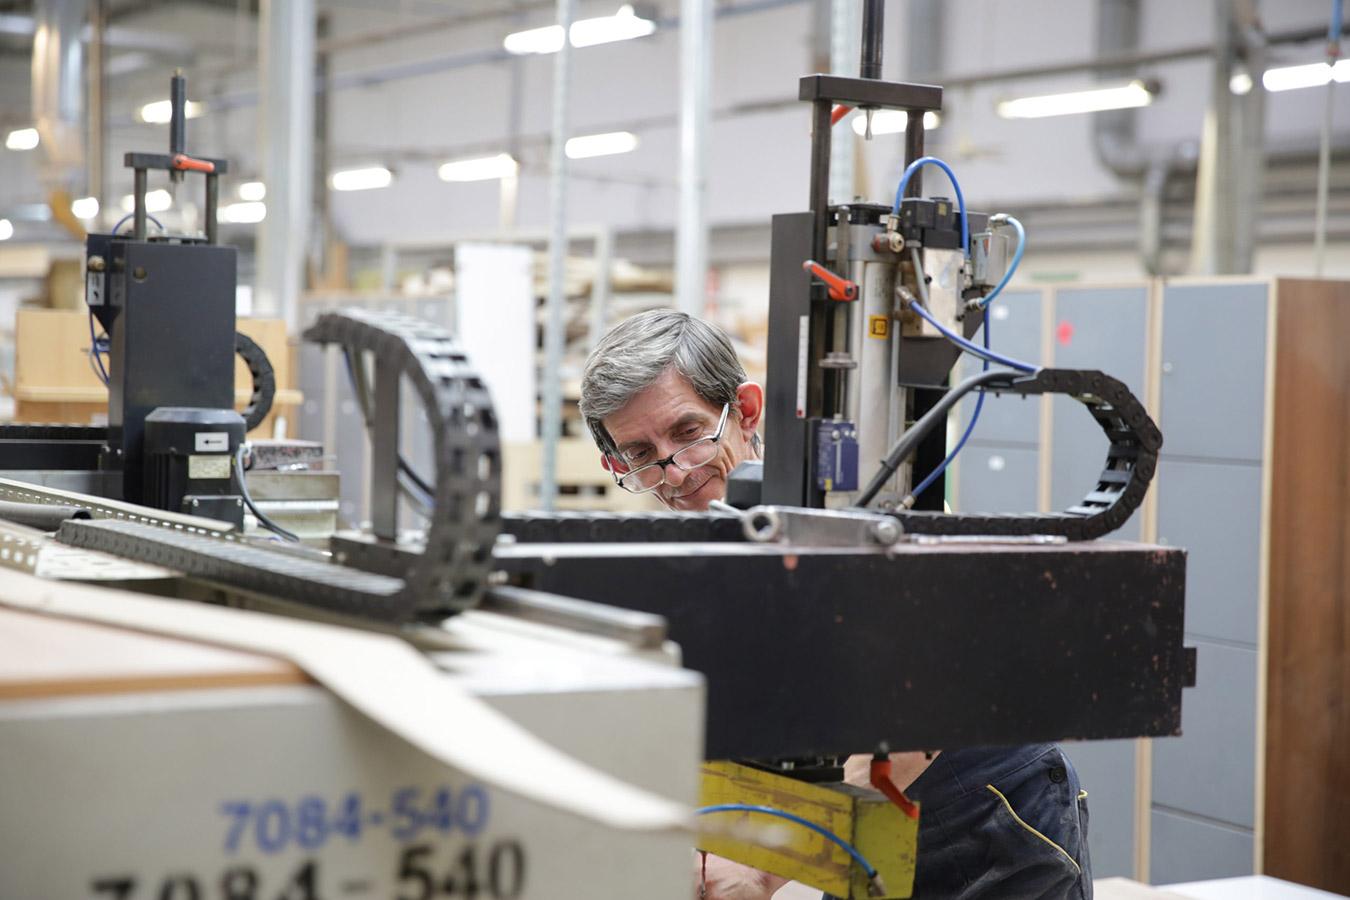 Precizní opracování materiálů na moderních strojích